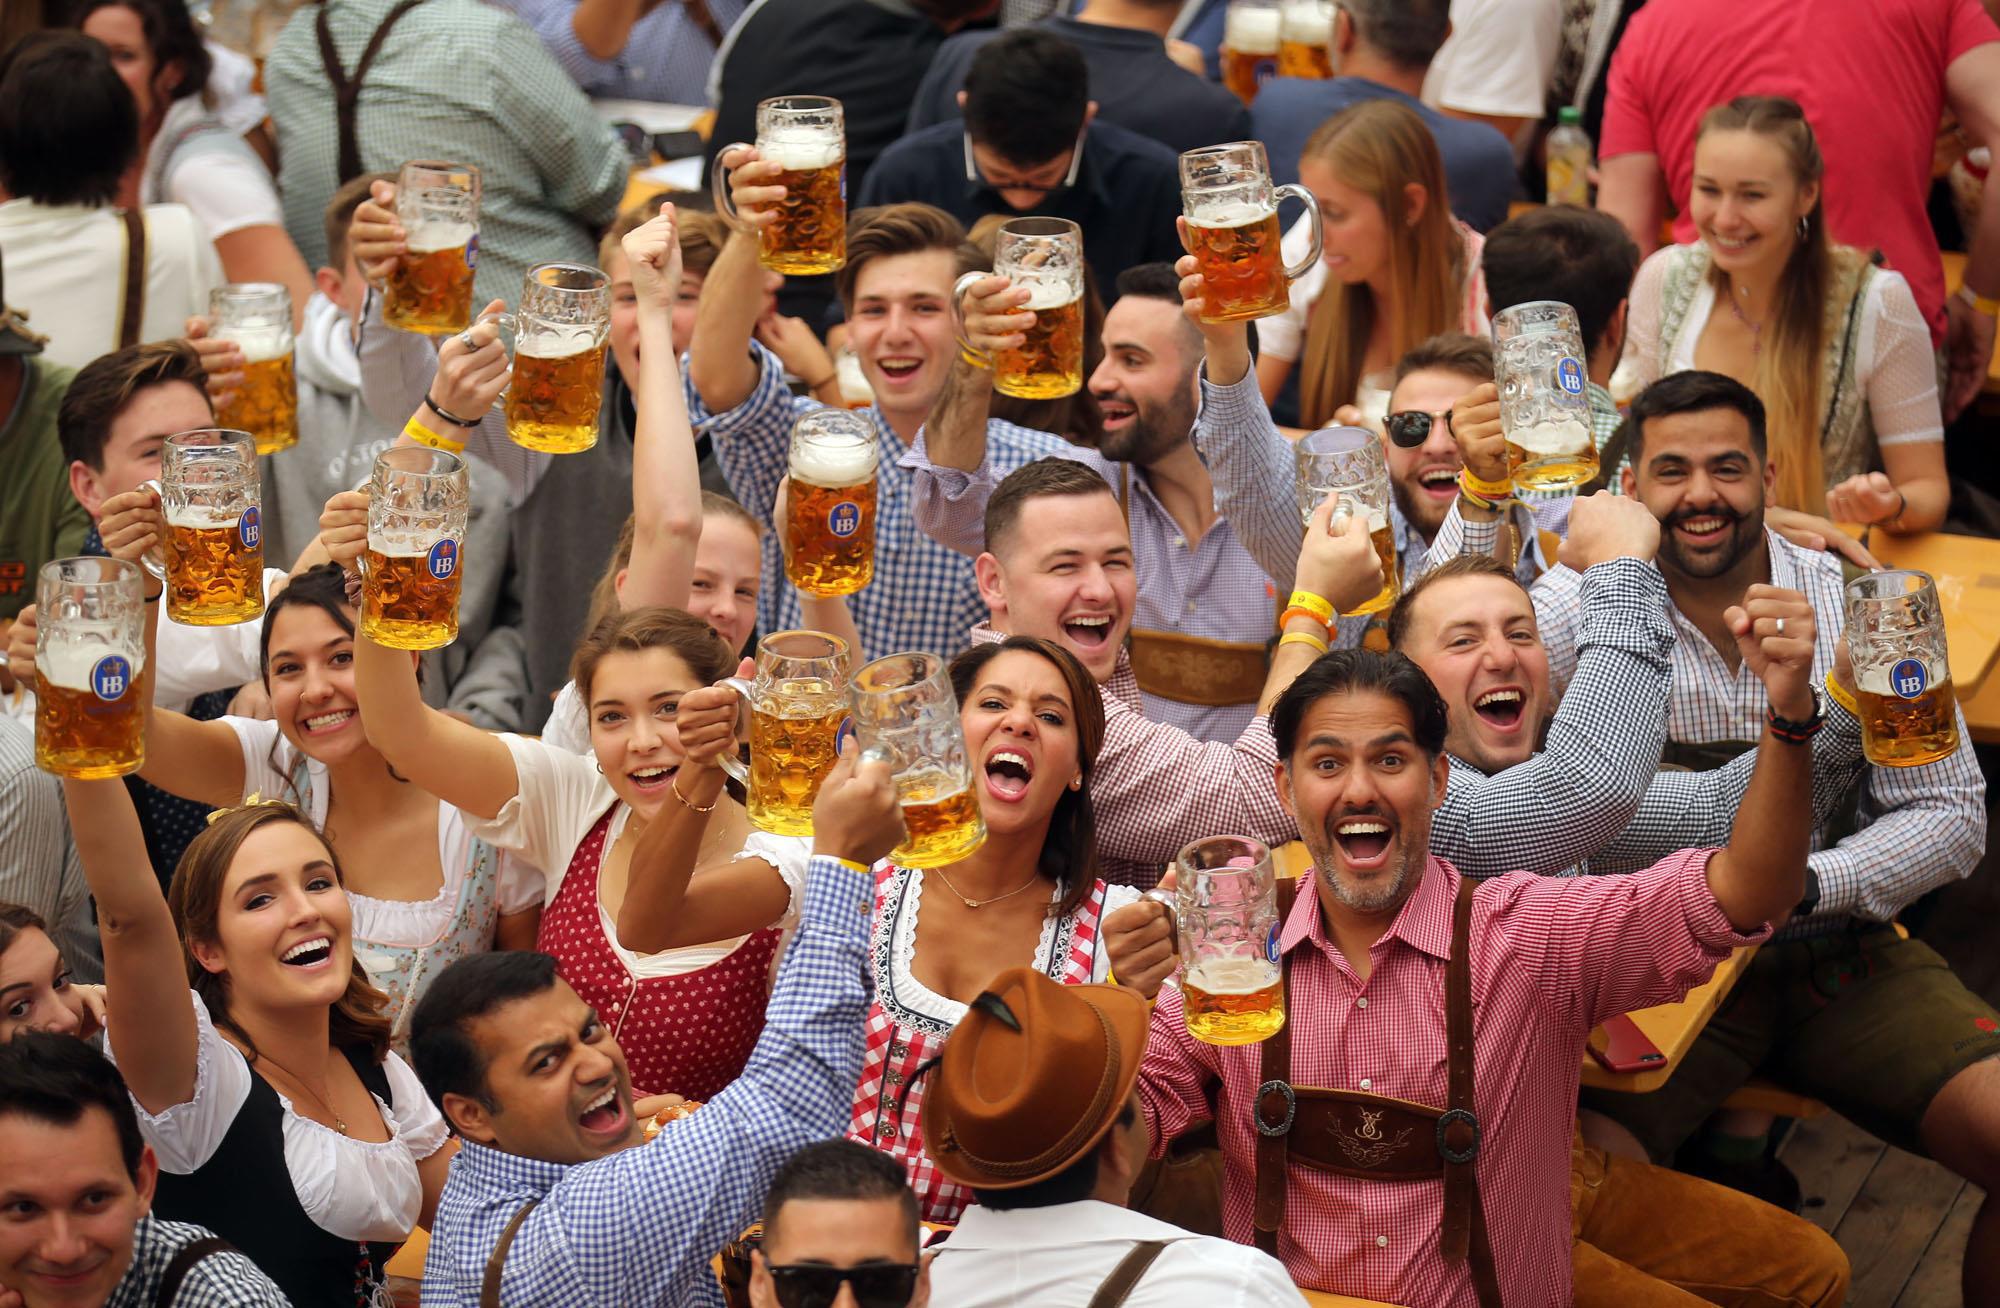 Từ nước Đức về Việt Nam, chuyện đi uống bia vốn chẳng để say xỉn - Ảnh 1.